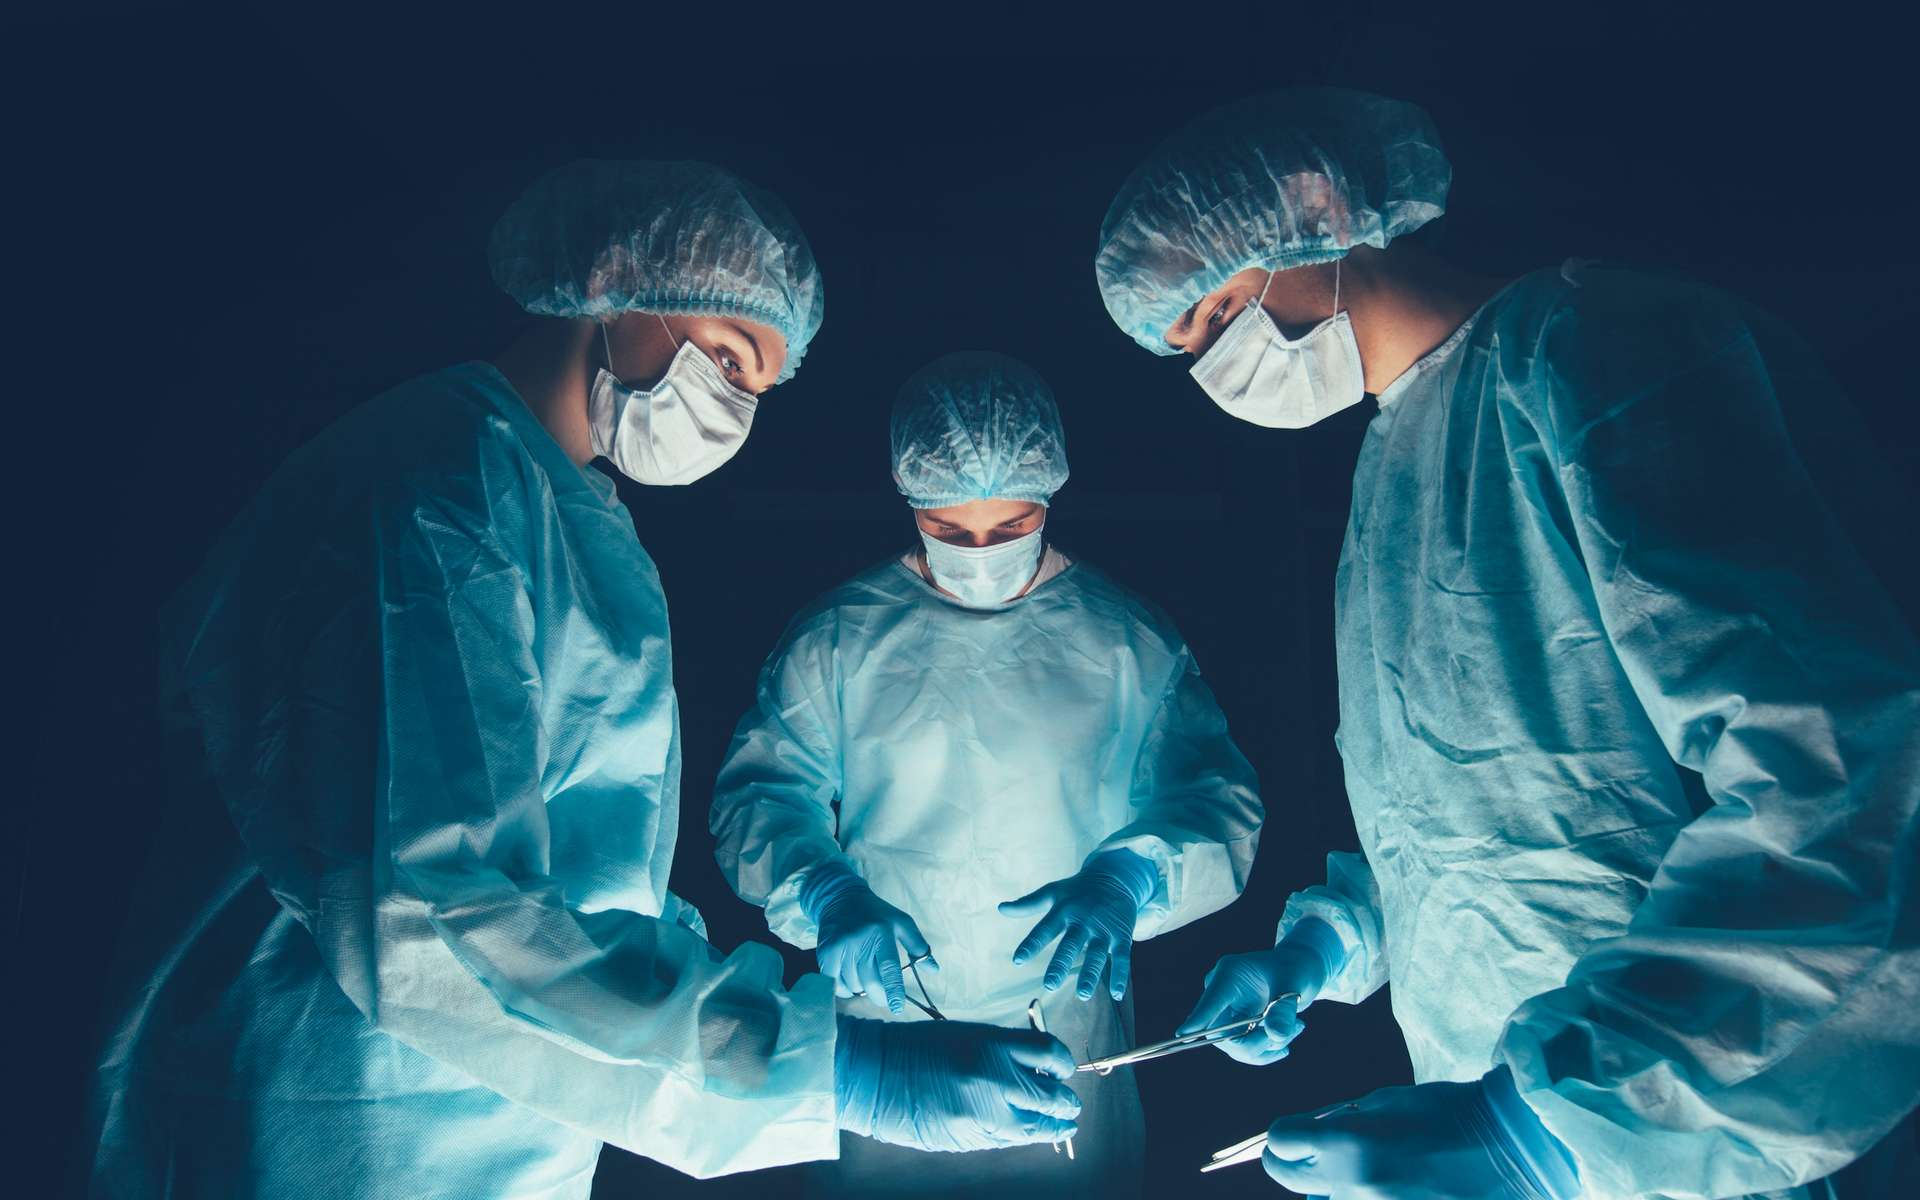 Des patients ont été ressuscités après avoir été placés en état de mort clinique. © satyrenko, Adobe Stock